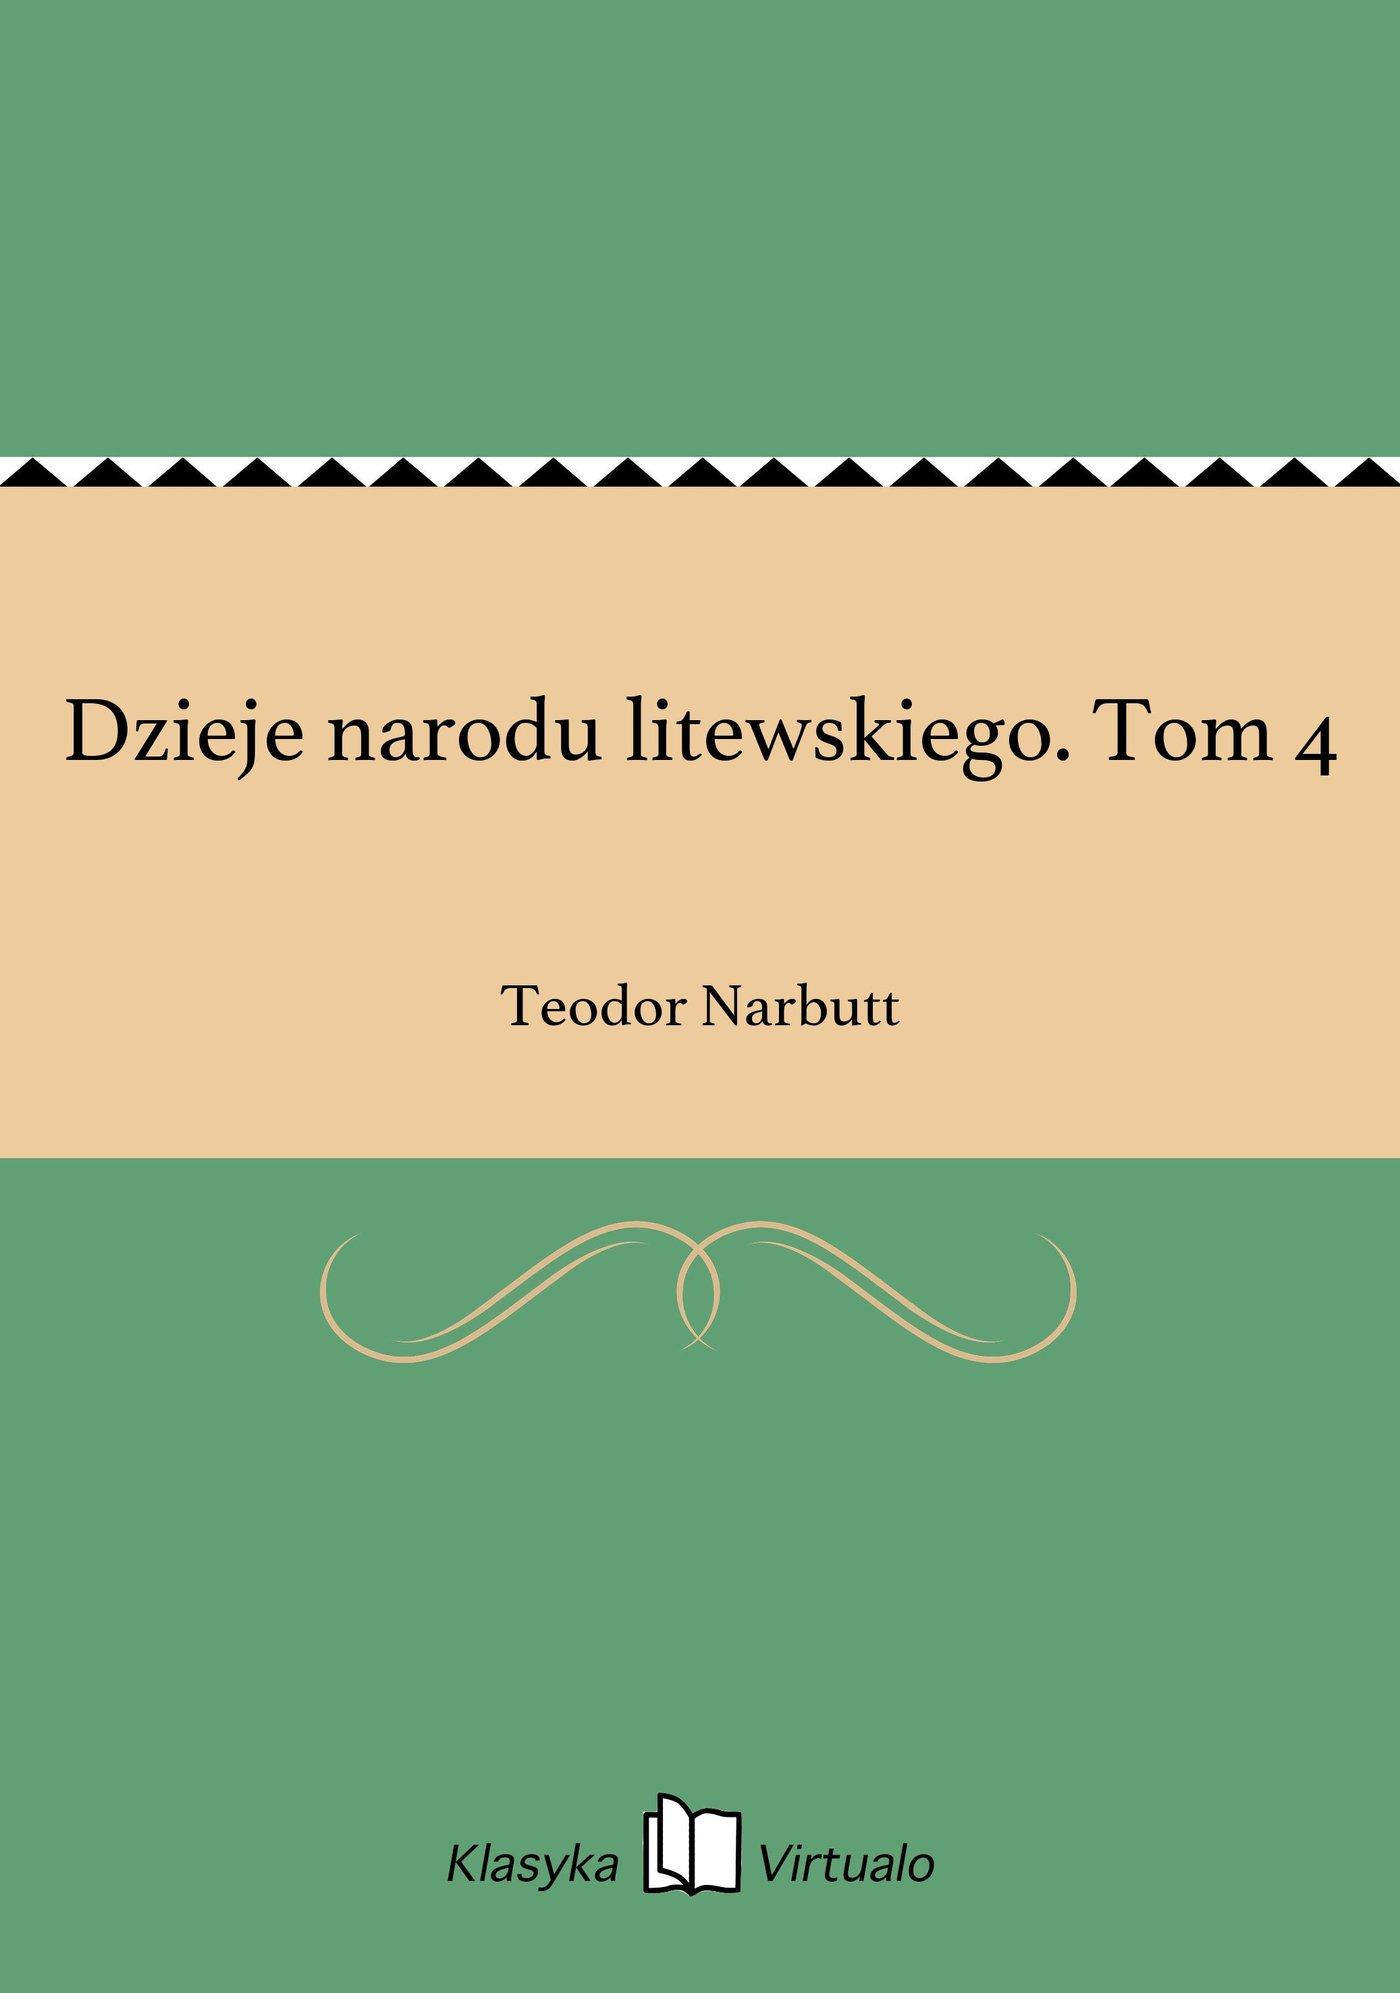 Dzieje narodu litewskiego. Tom 4 - Ebook (Książka EPUB) do pobrania w formacie EPUB